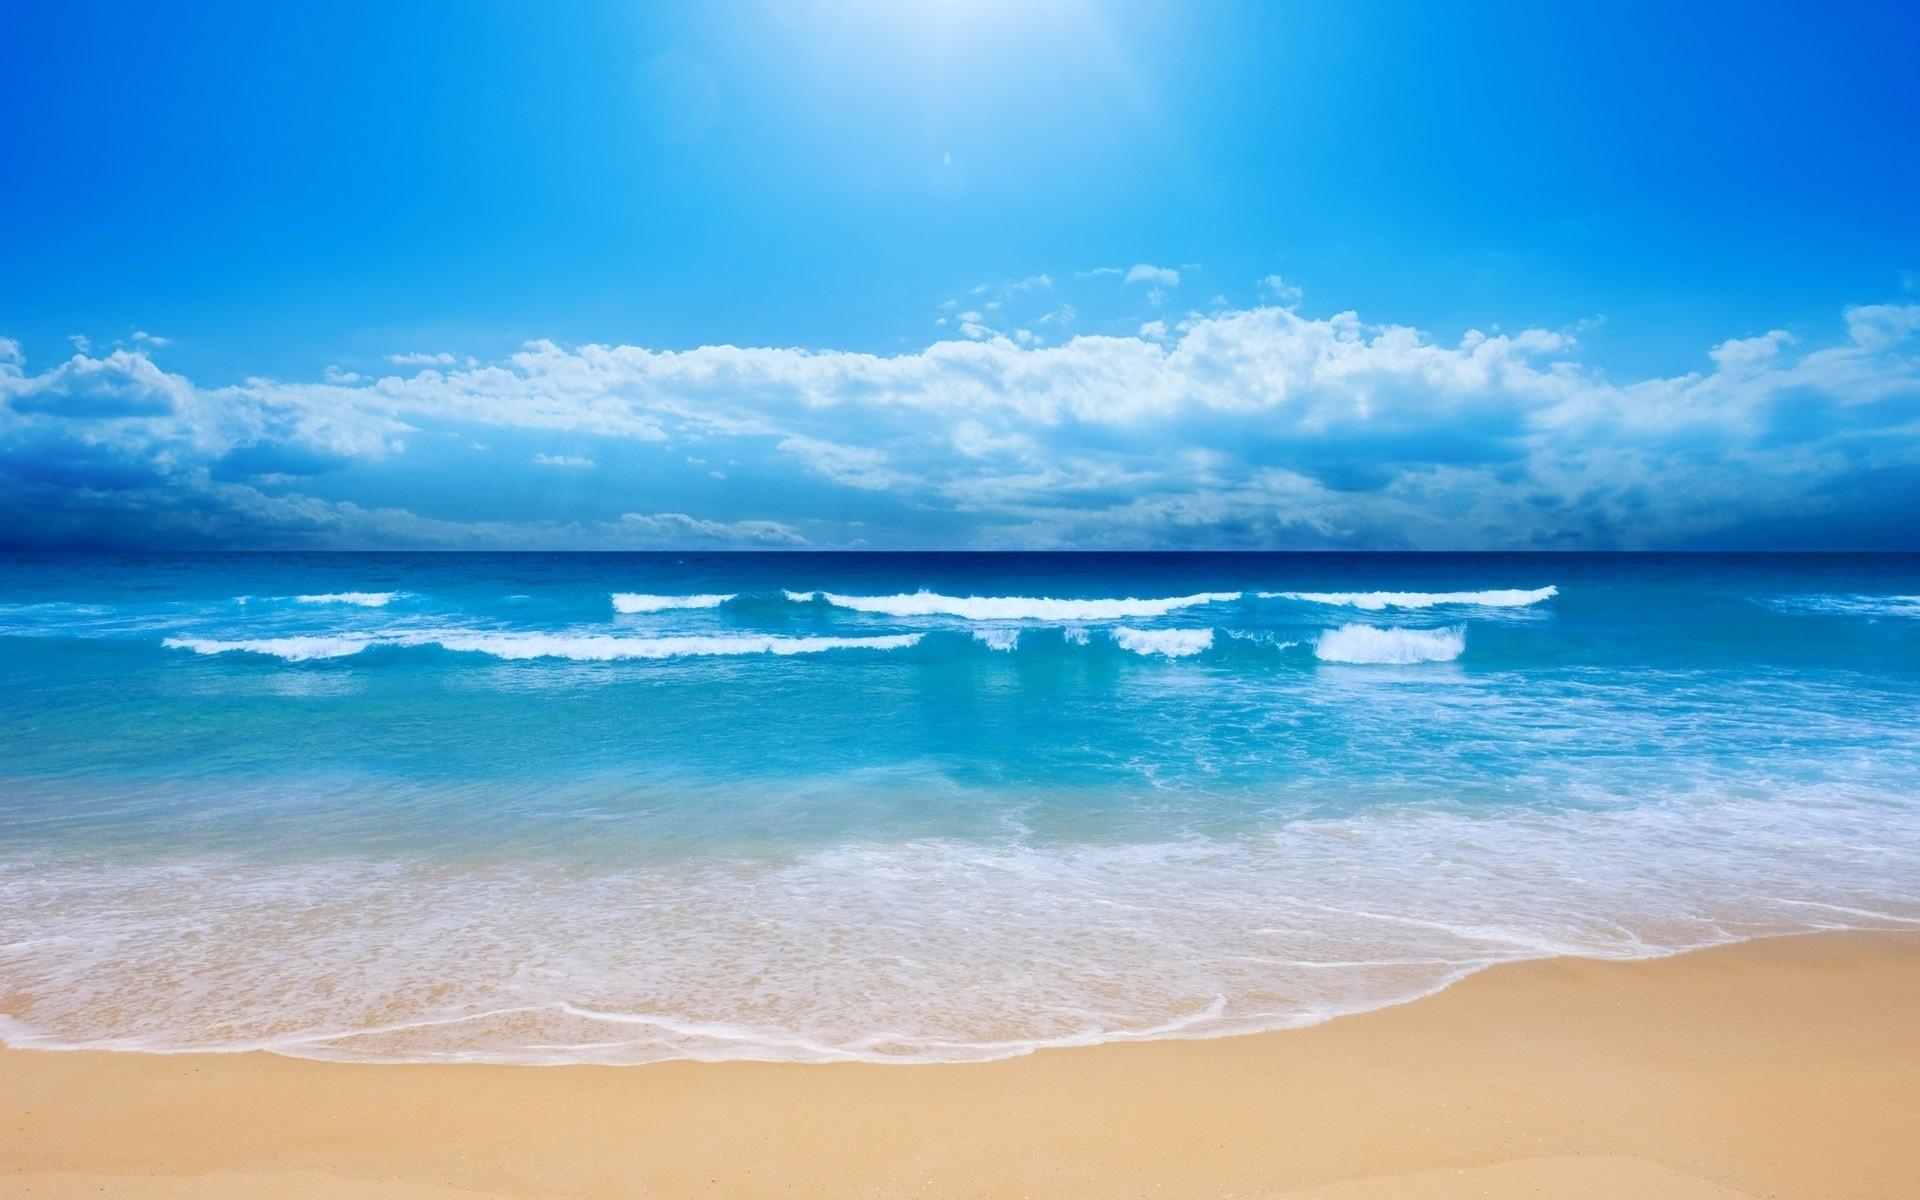 31614壁紙のダウンロード風景, 海, ビーチ-スクリーンセーバーと写真を無料で